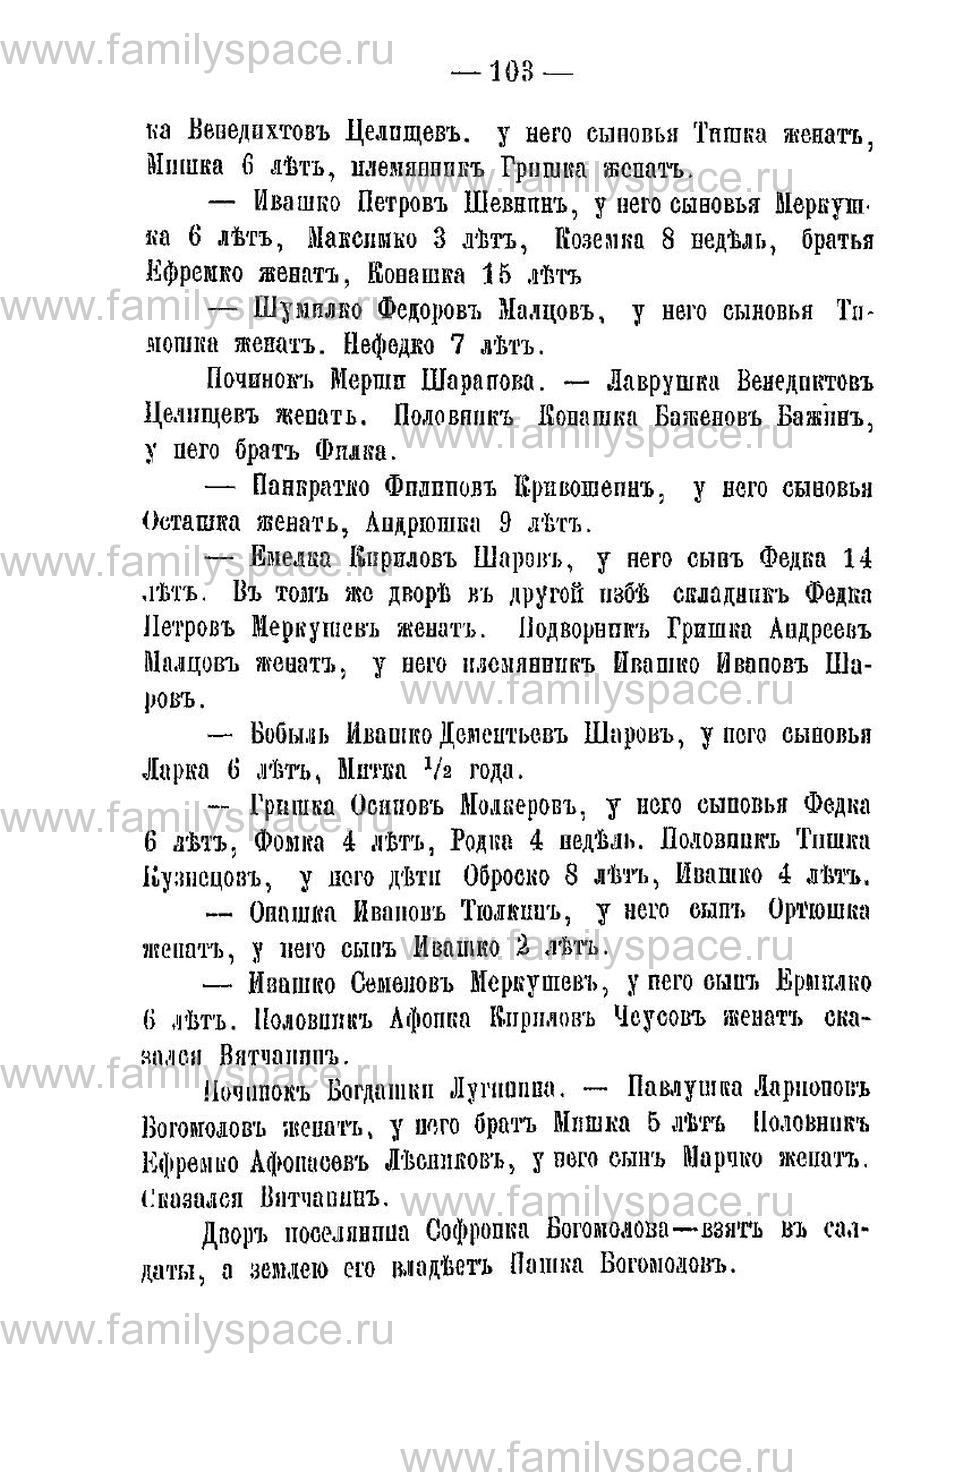 Поиск по фамилии - Переписная книга Орлова и волостей 1678 г, страница 99